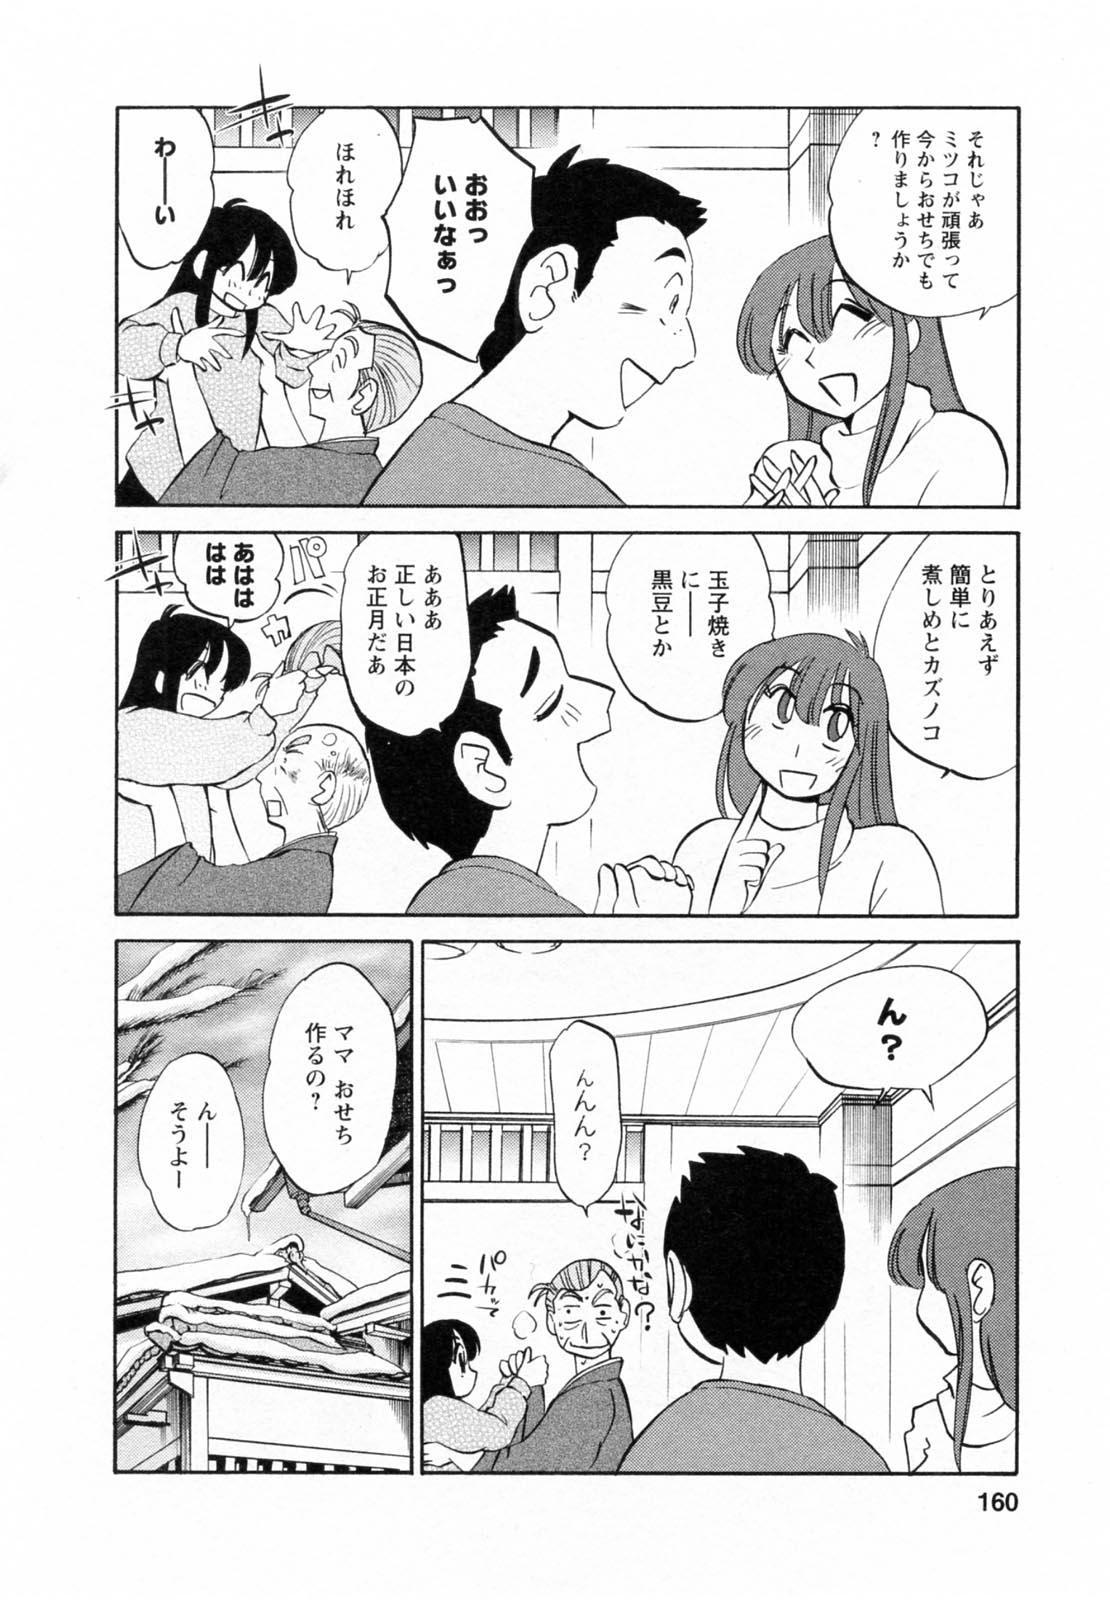 Maid no Mitsukosan Vol.1 159